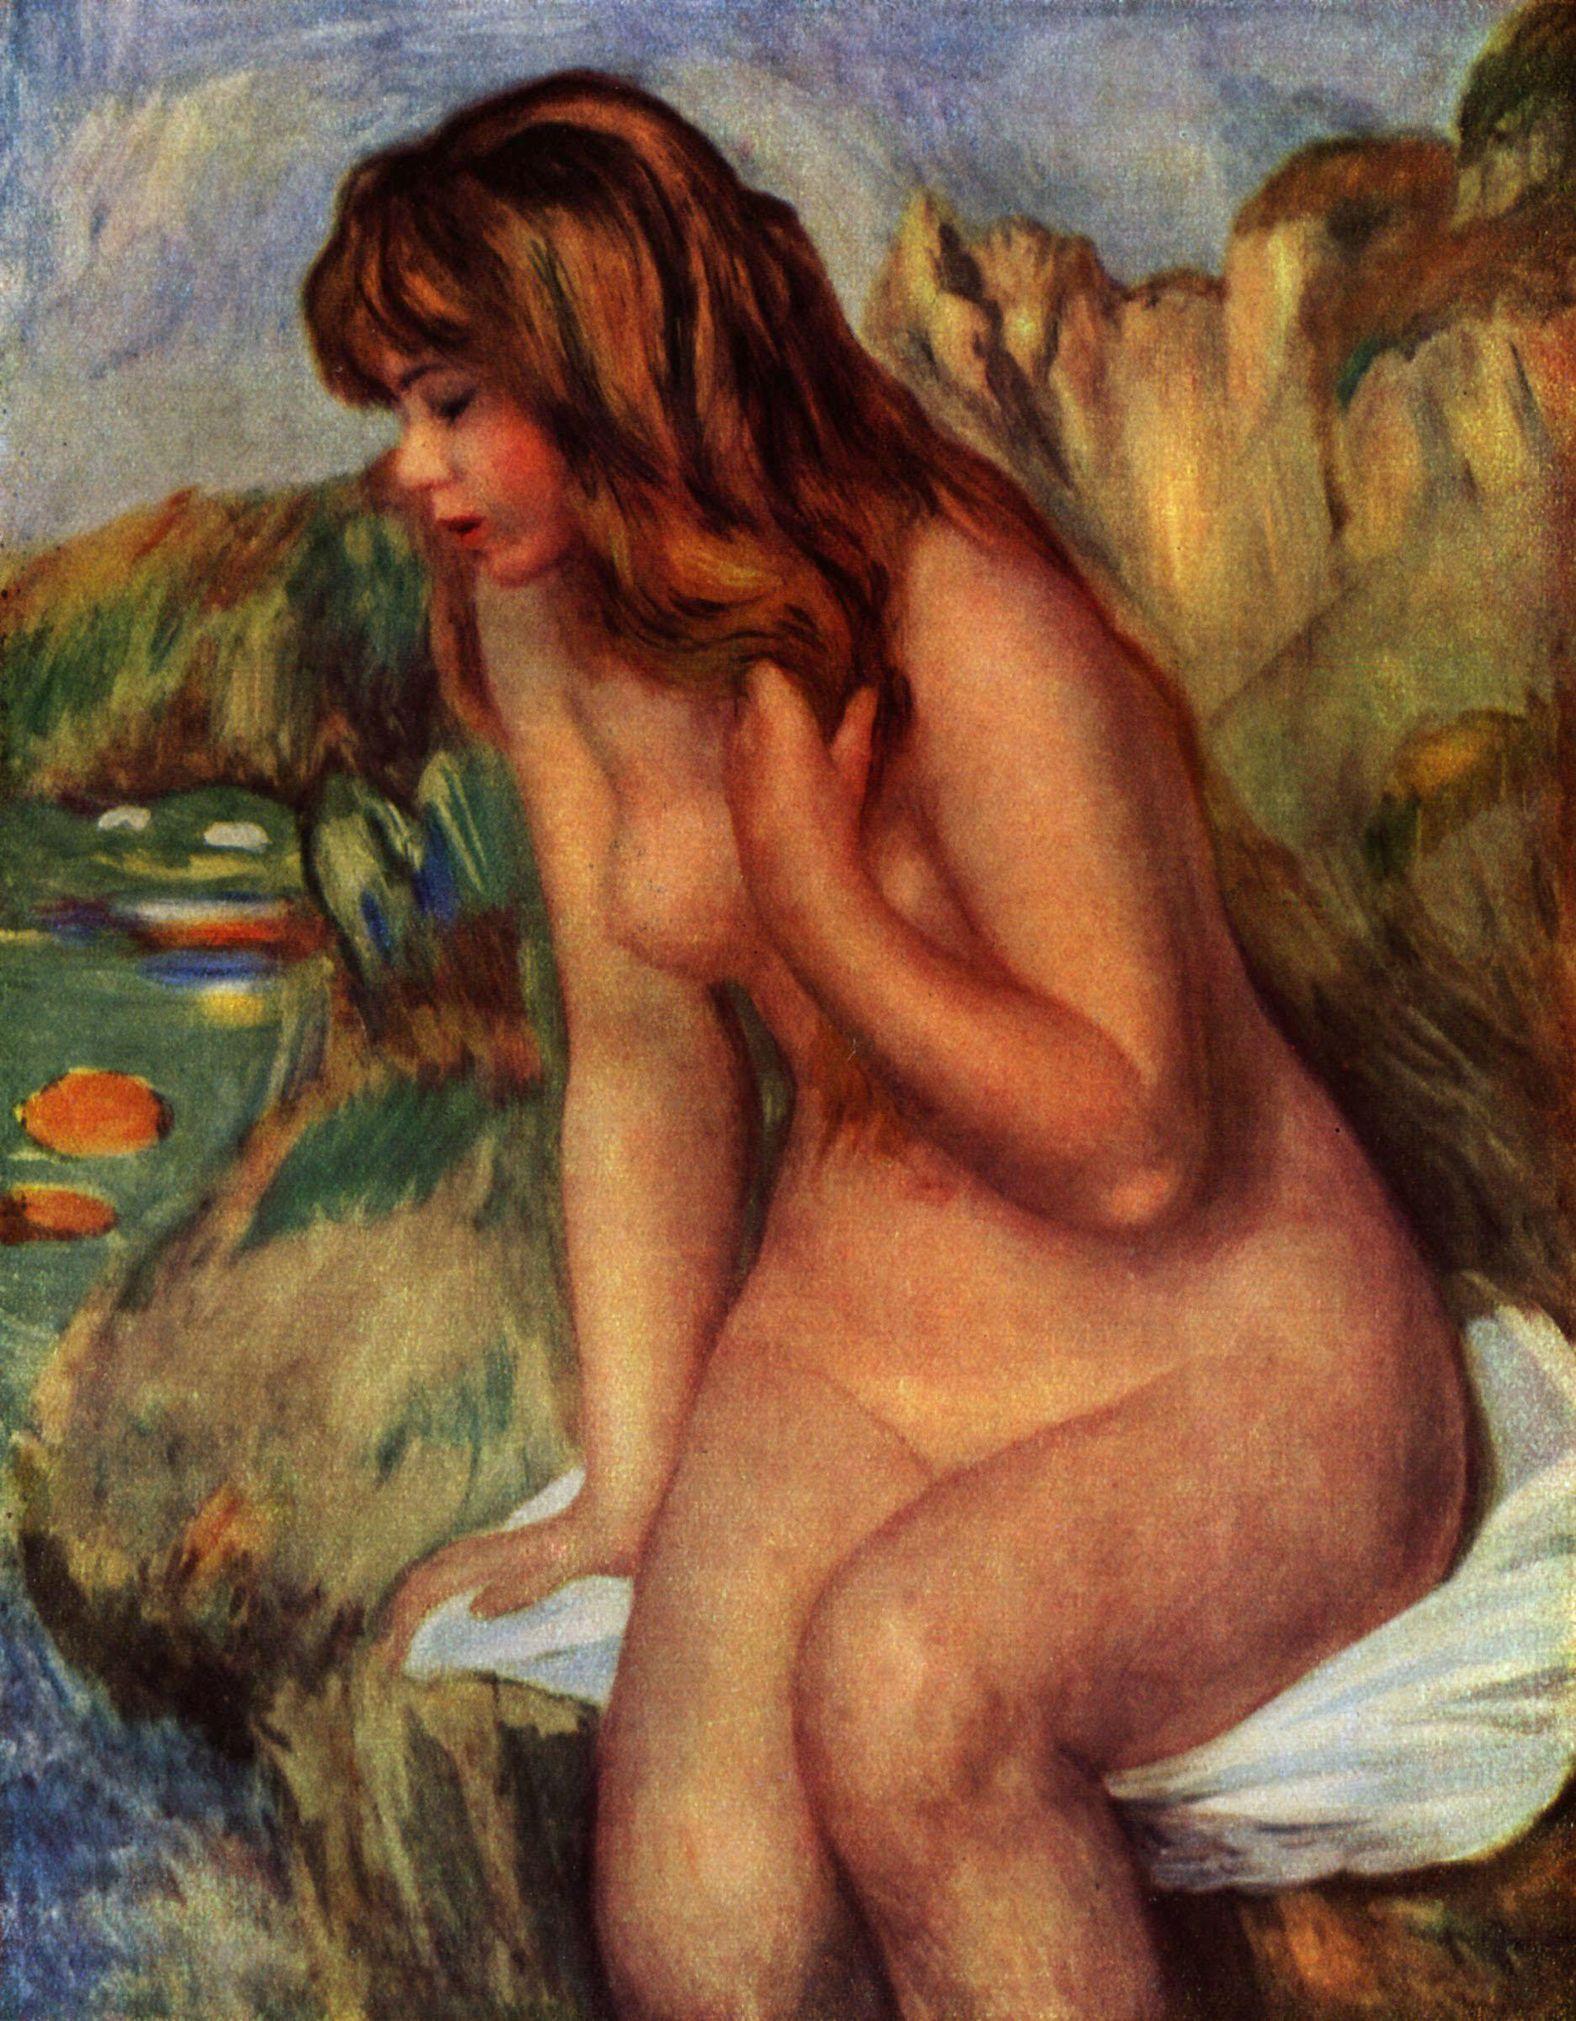 Großbild: Pierre-Auguste Renoir: Badende, auf einem Felsen sitzend: www.malerei-meisterwerke.de/bilder_gross/pierre-auguste-renoir...